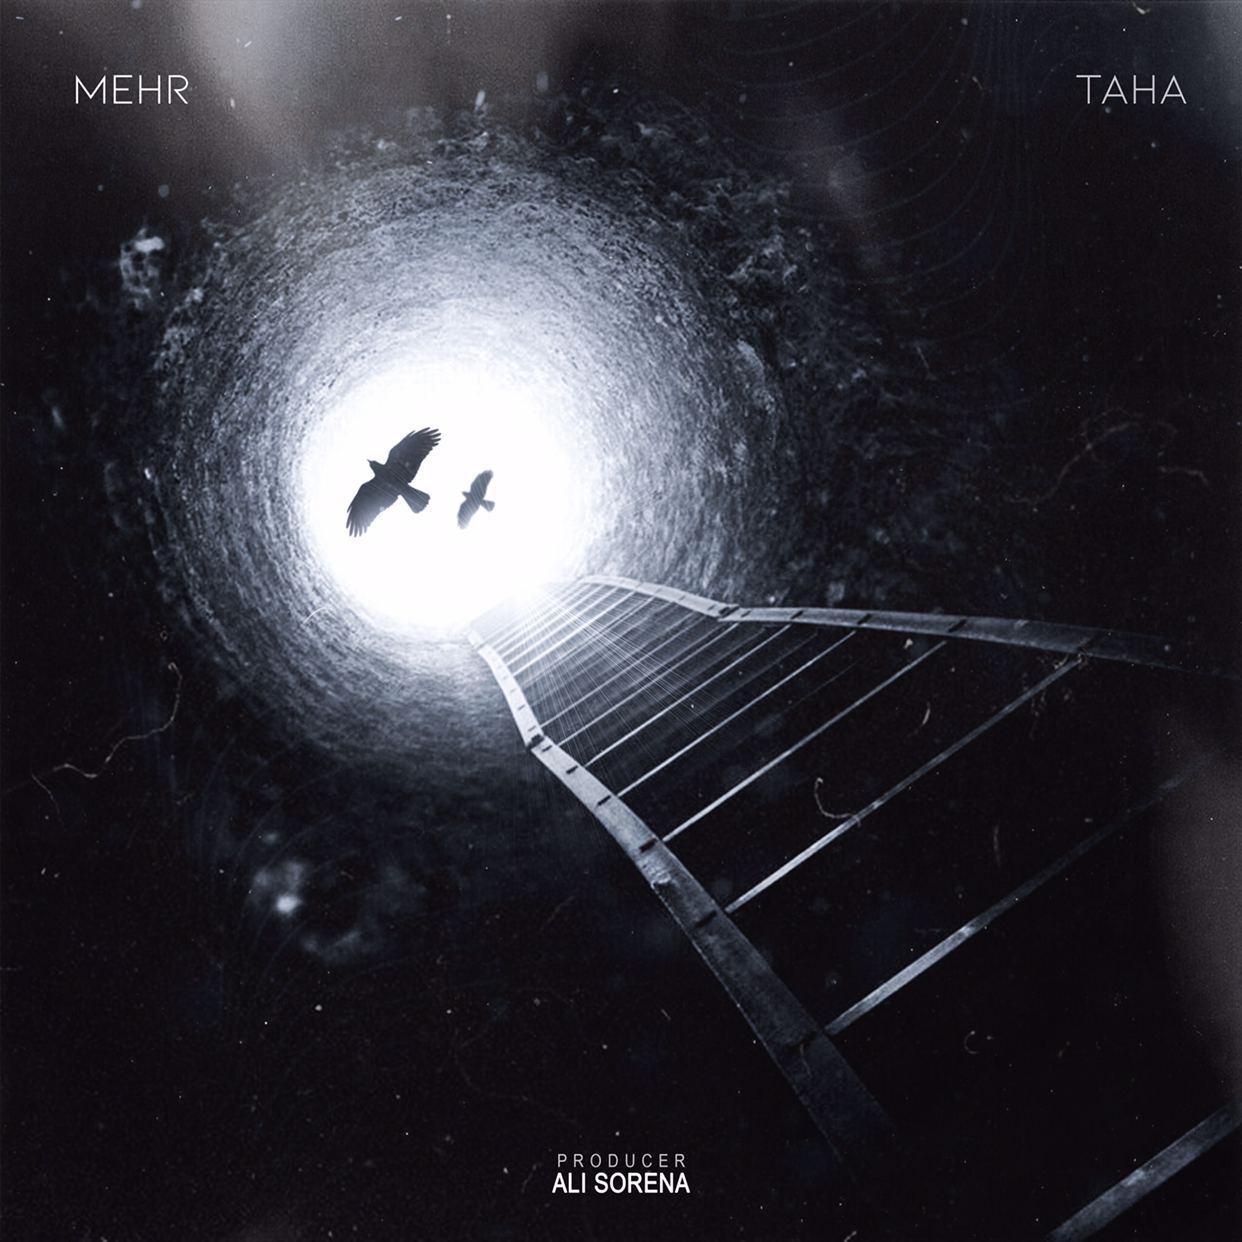 Taha - Mehr